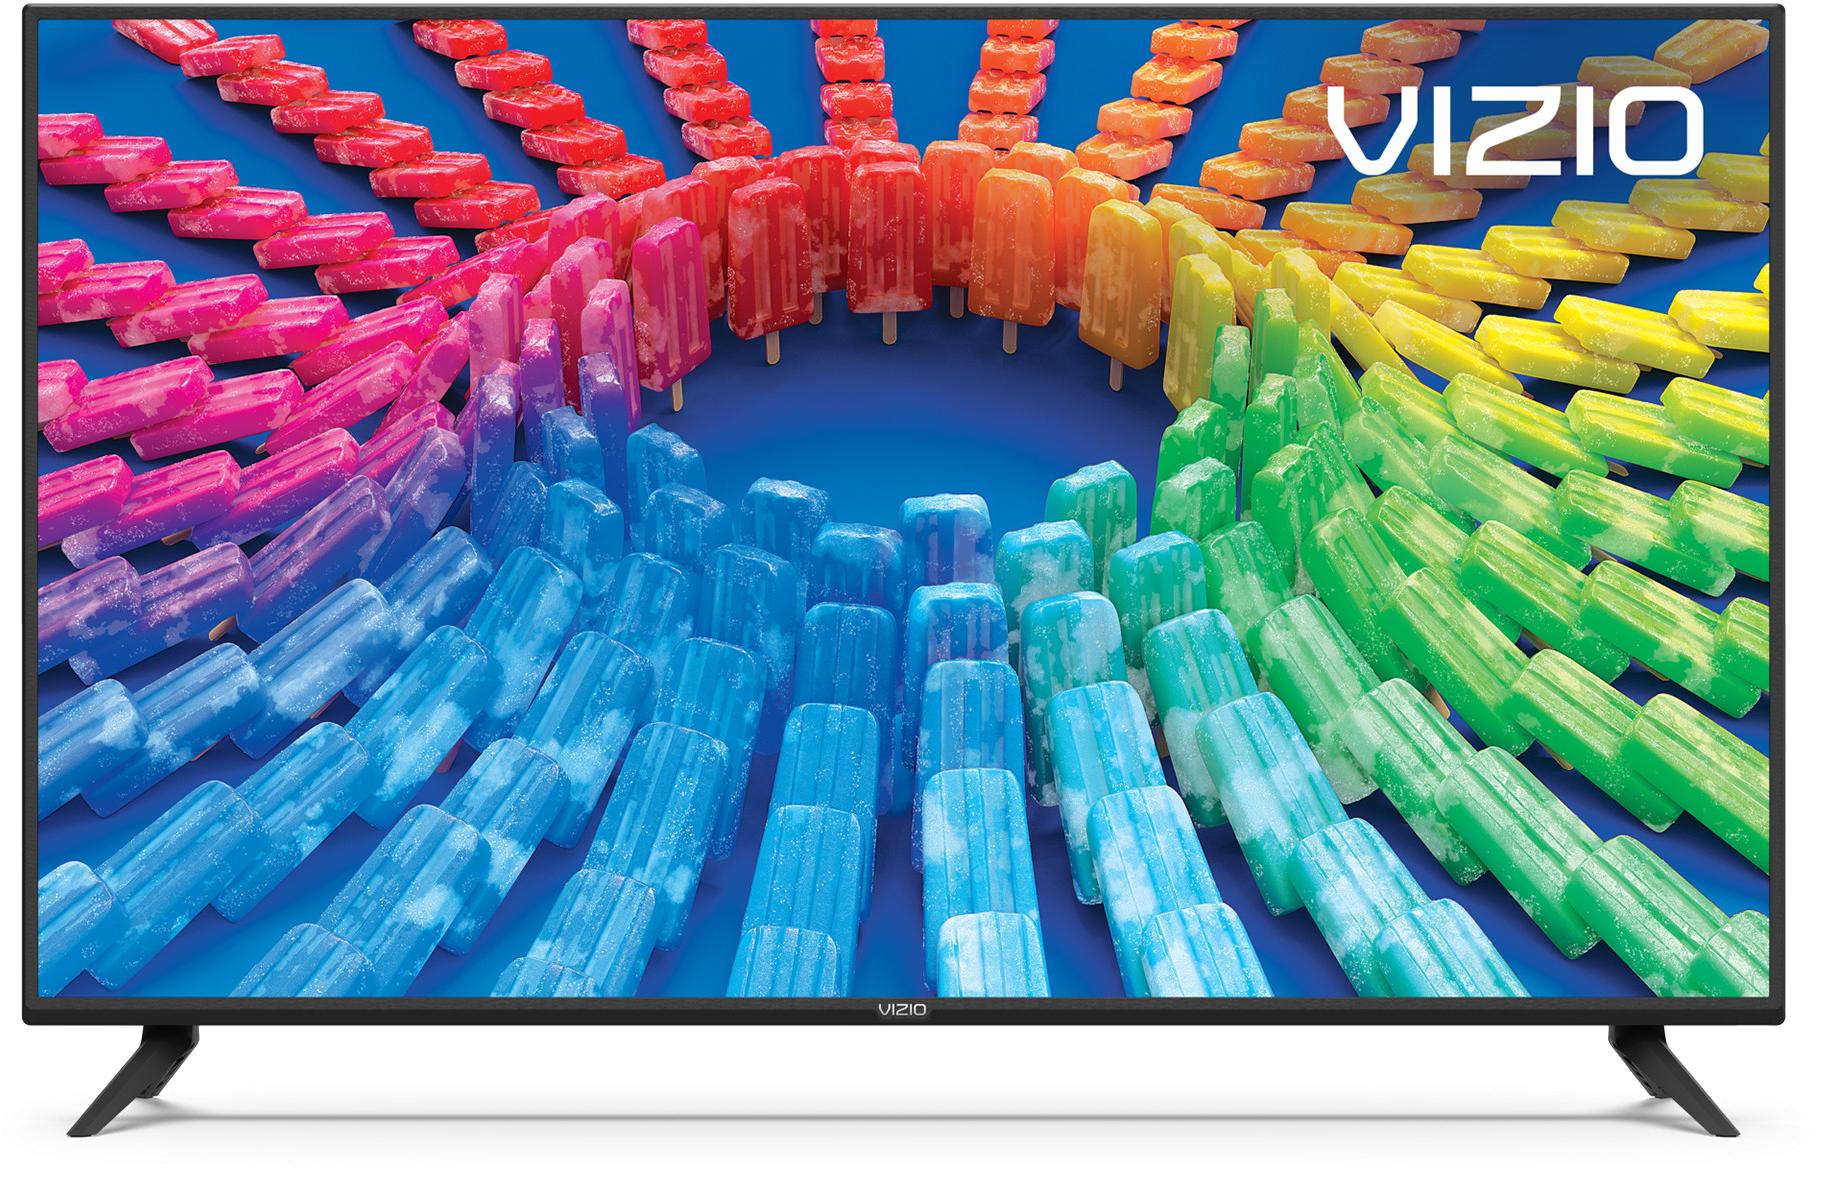 VIZIO V585x-H1 58